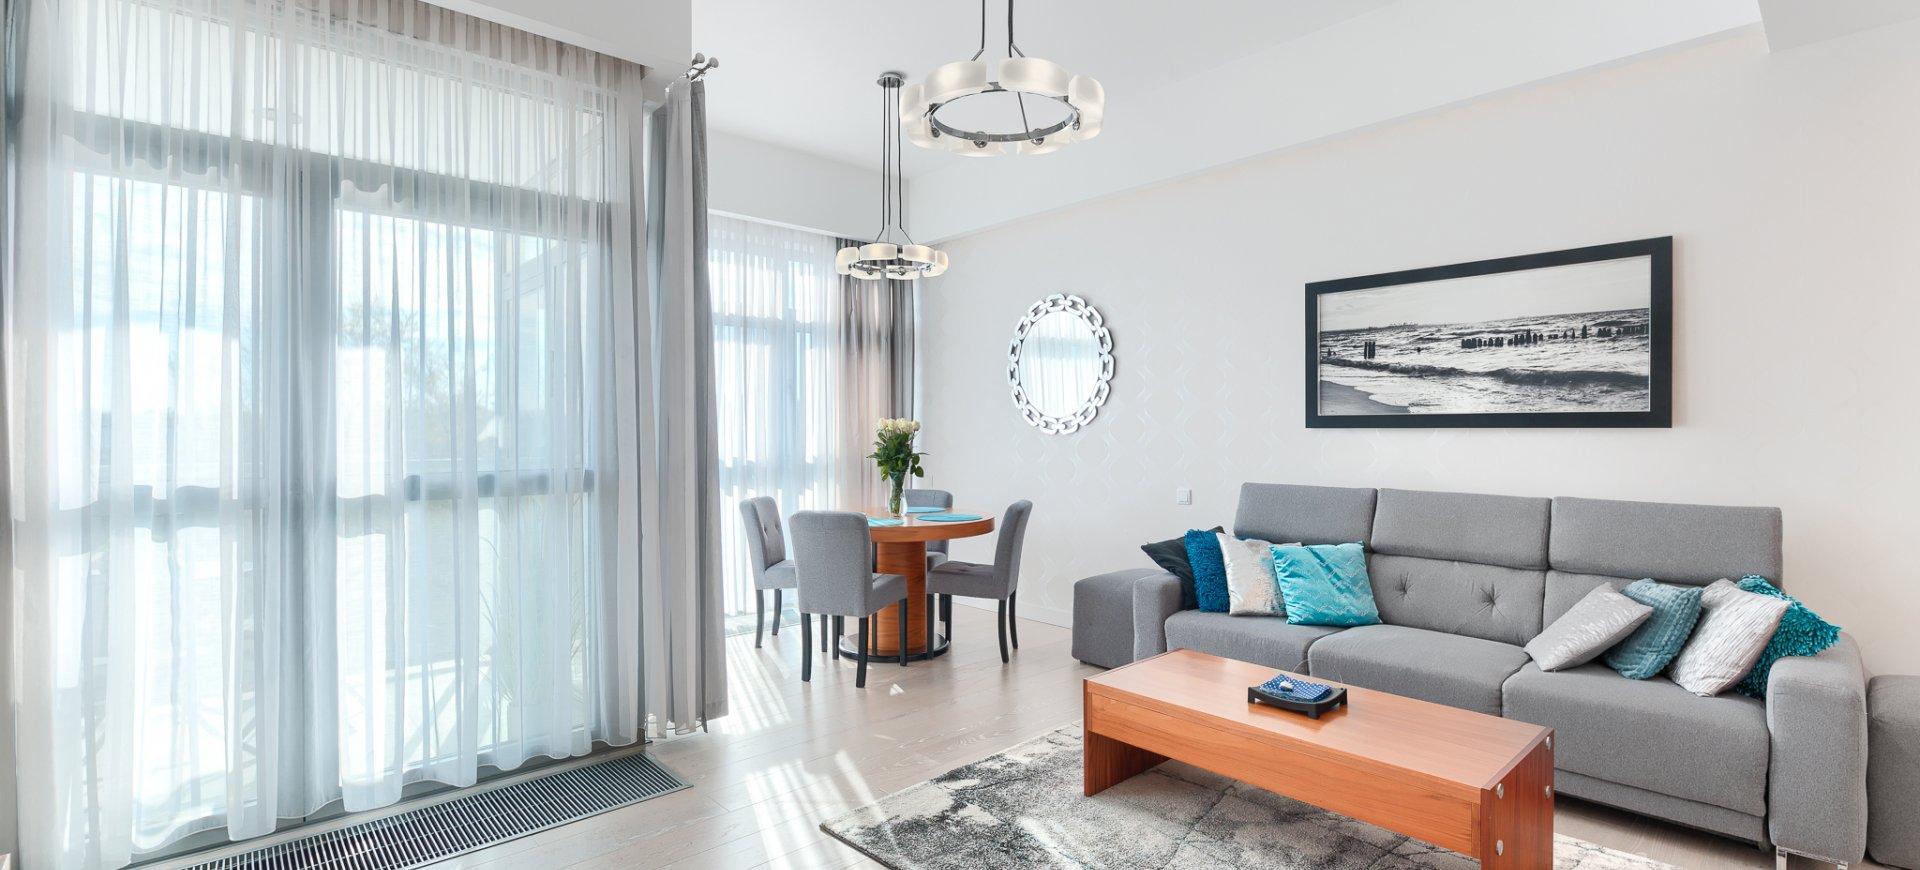 Apartament z 1 sypialnią 3.07 A z bocznym widokiem na morze